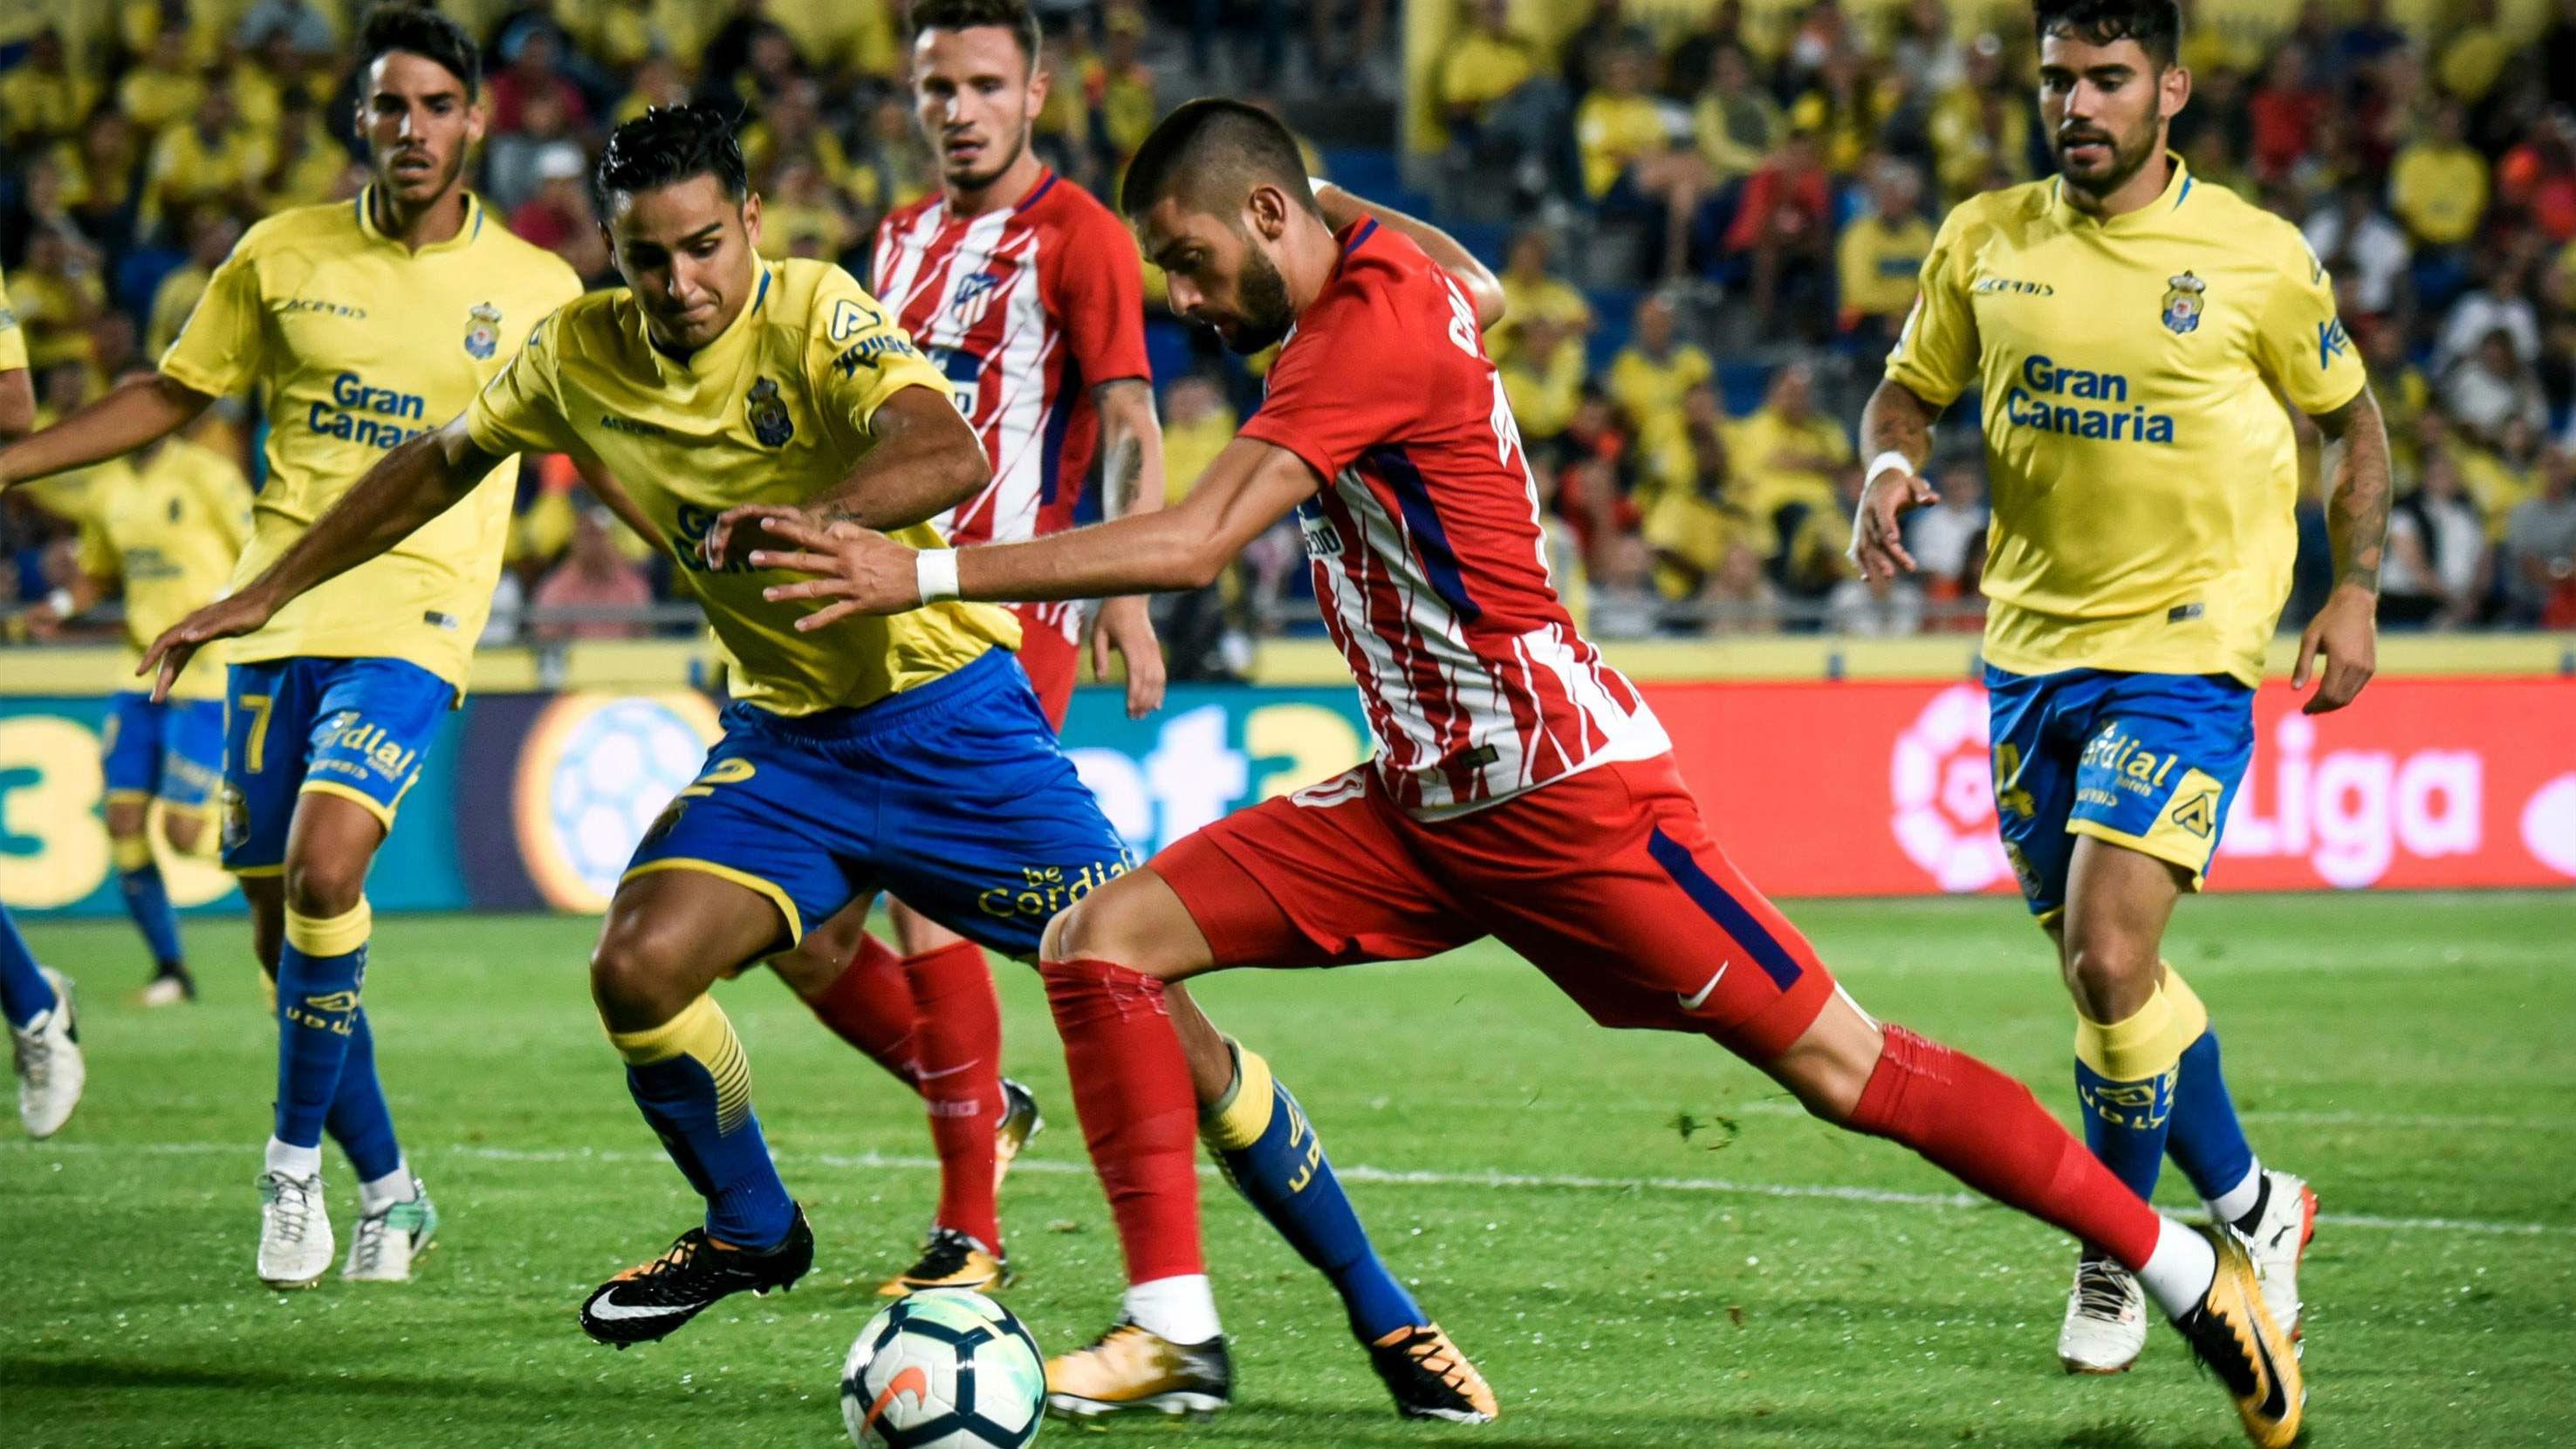 Resultado de imagen de Las Palmas Atlético